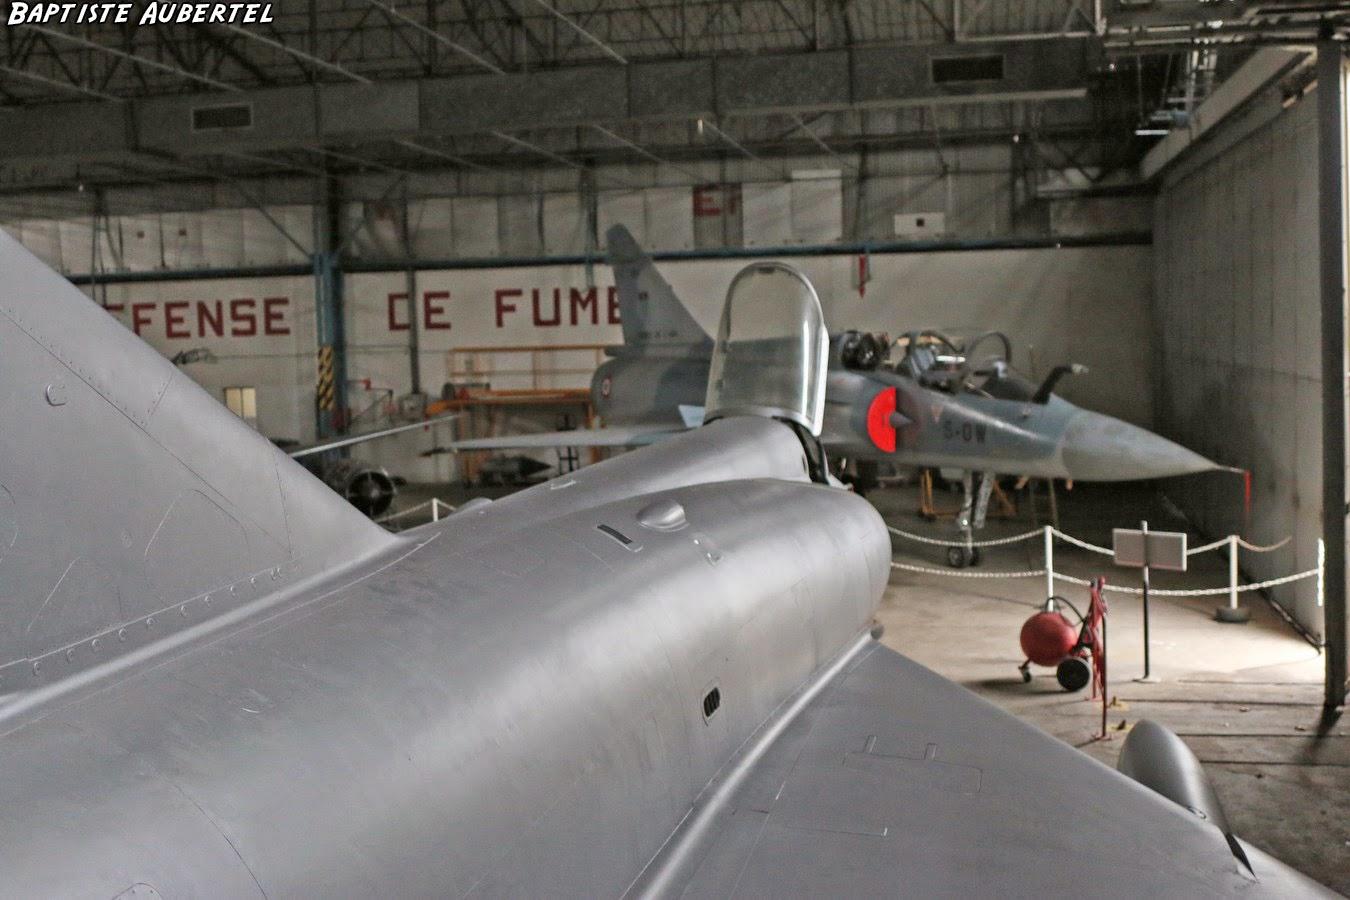 Dassault Mirage III R 02